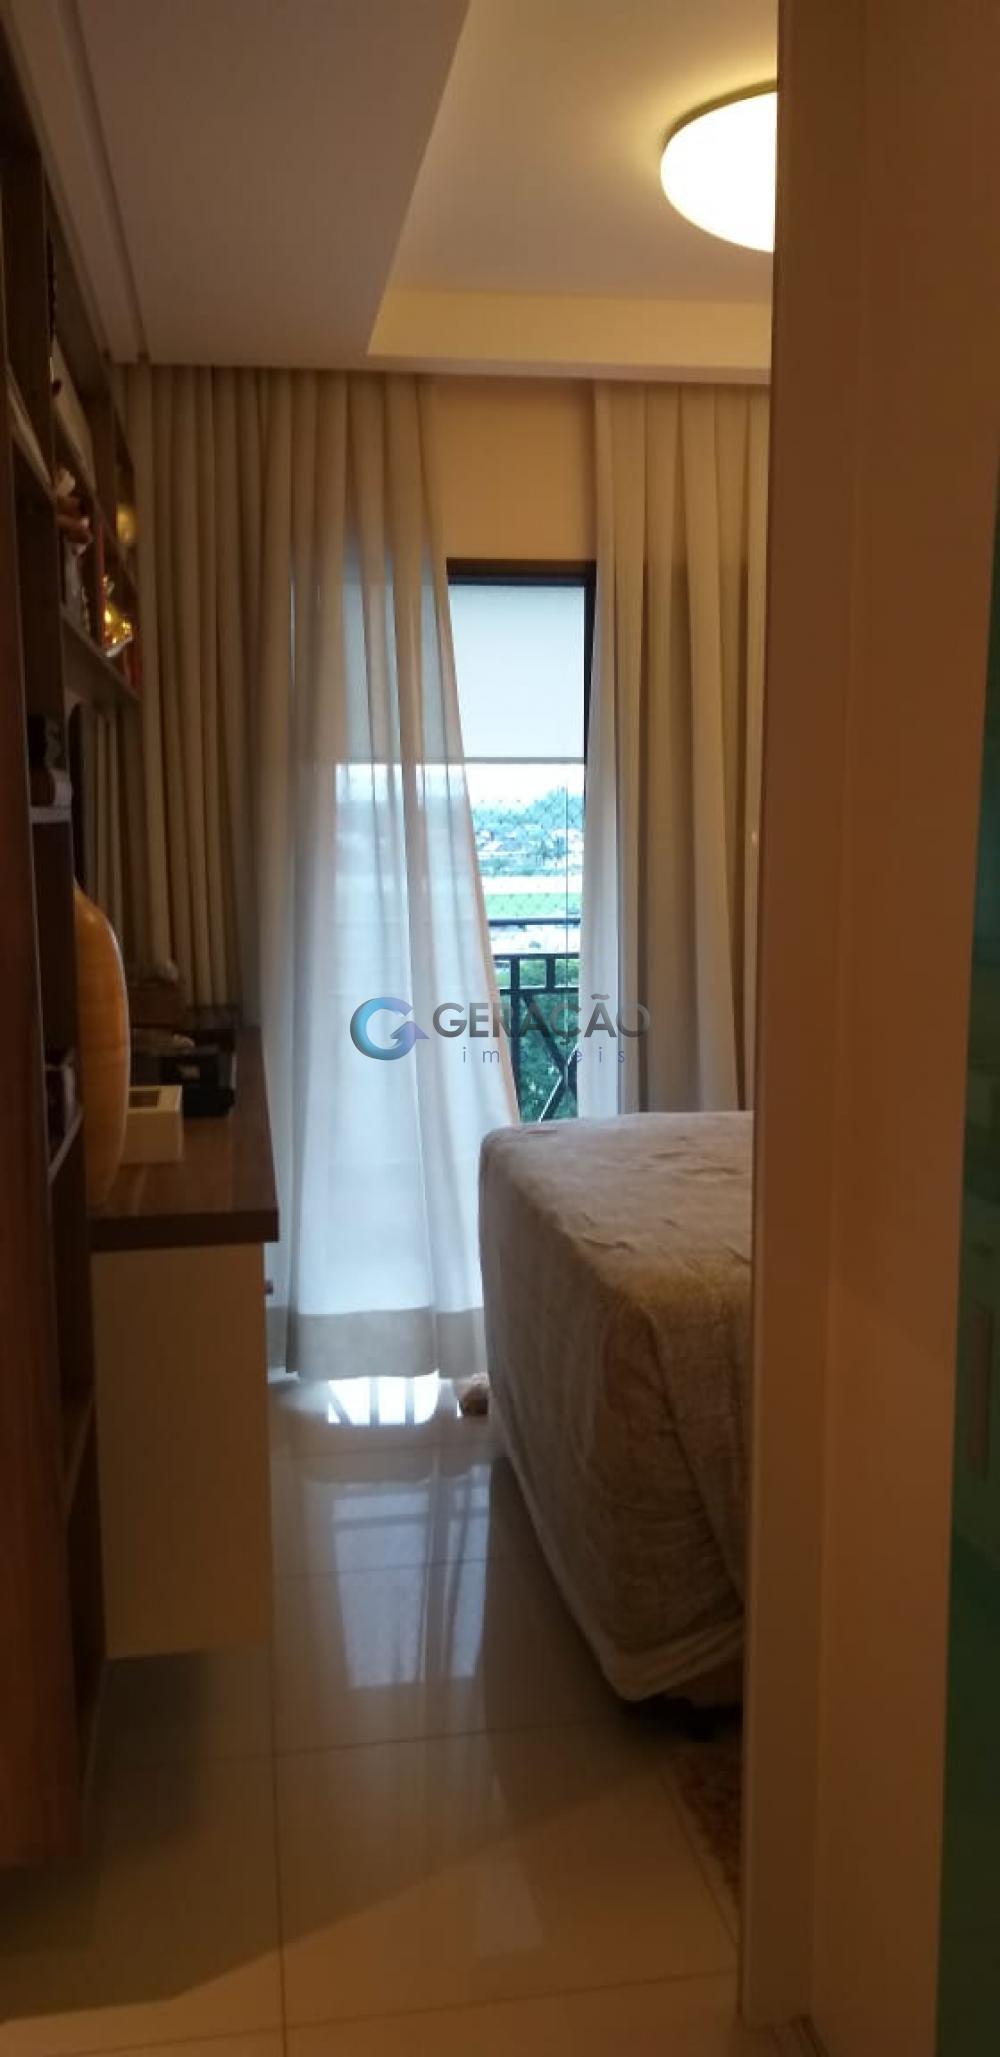 Comprar Apartamento / Padrão em São José dos Campos R$ 980.000,00 - Foto 10